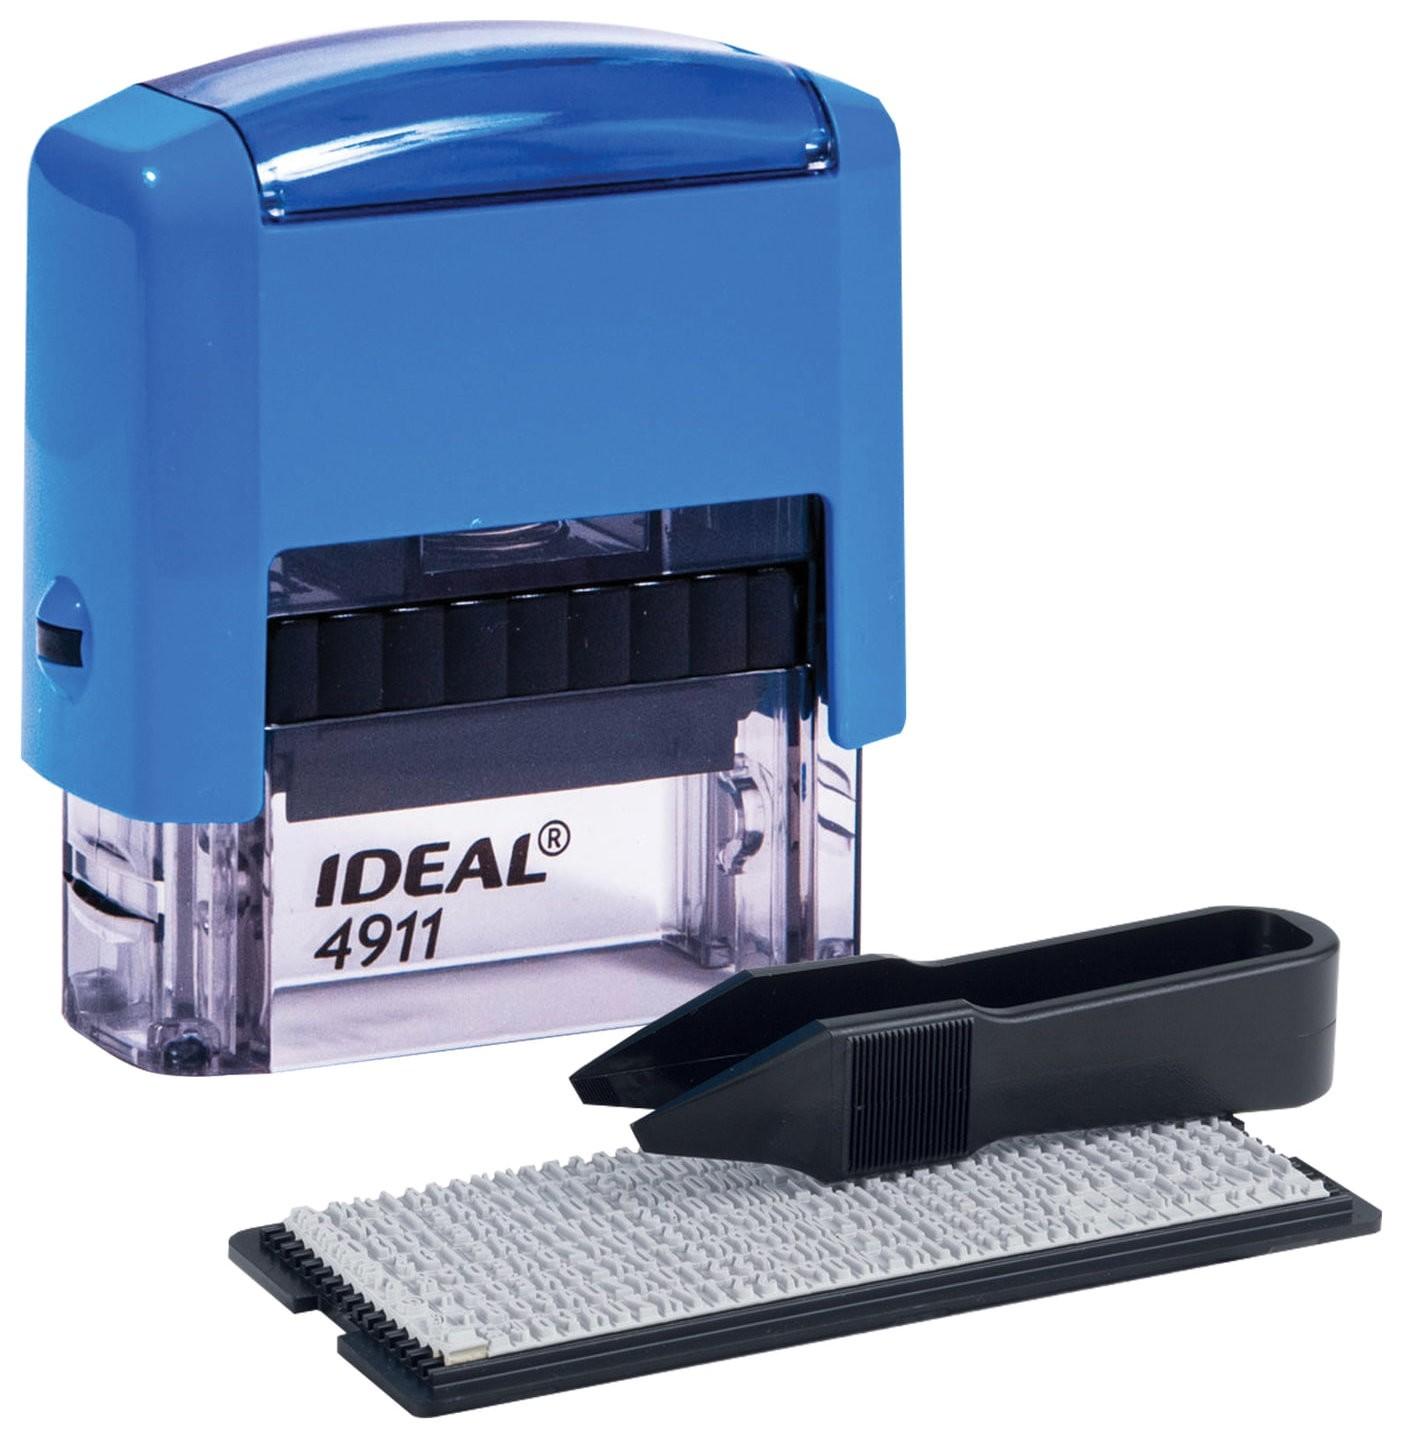 Штамп самонаборный 3-строчный, размер оттиска 38х14 мм, синий без рамки, Trodat Ideal 4911 P2, кассы  Trodat